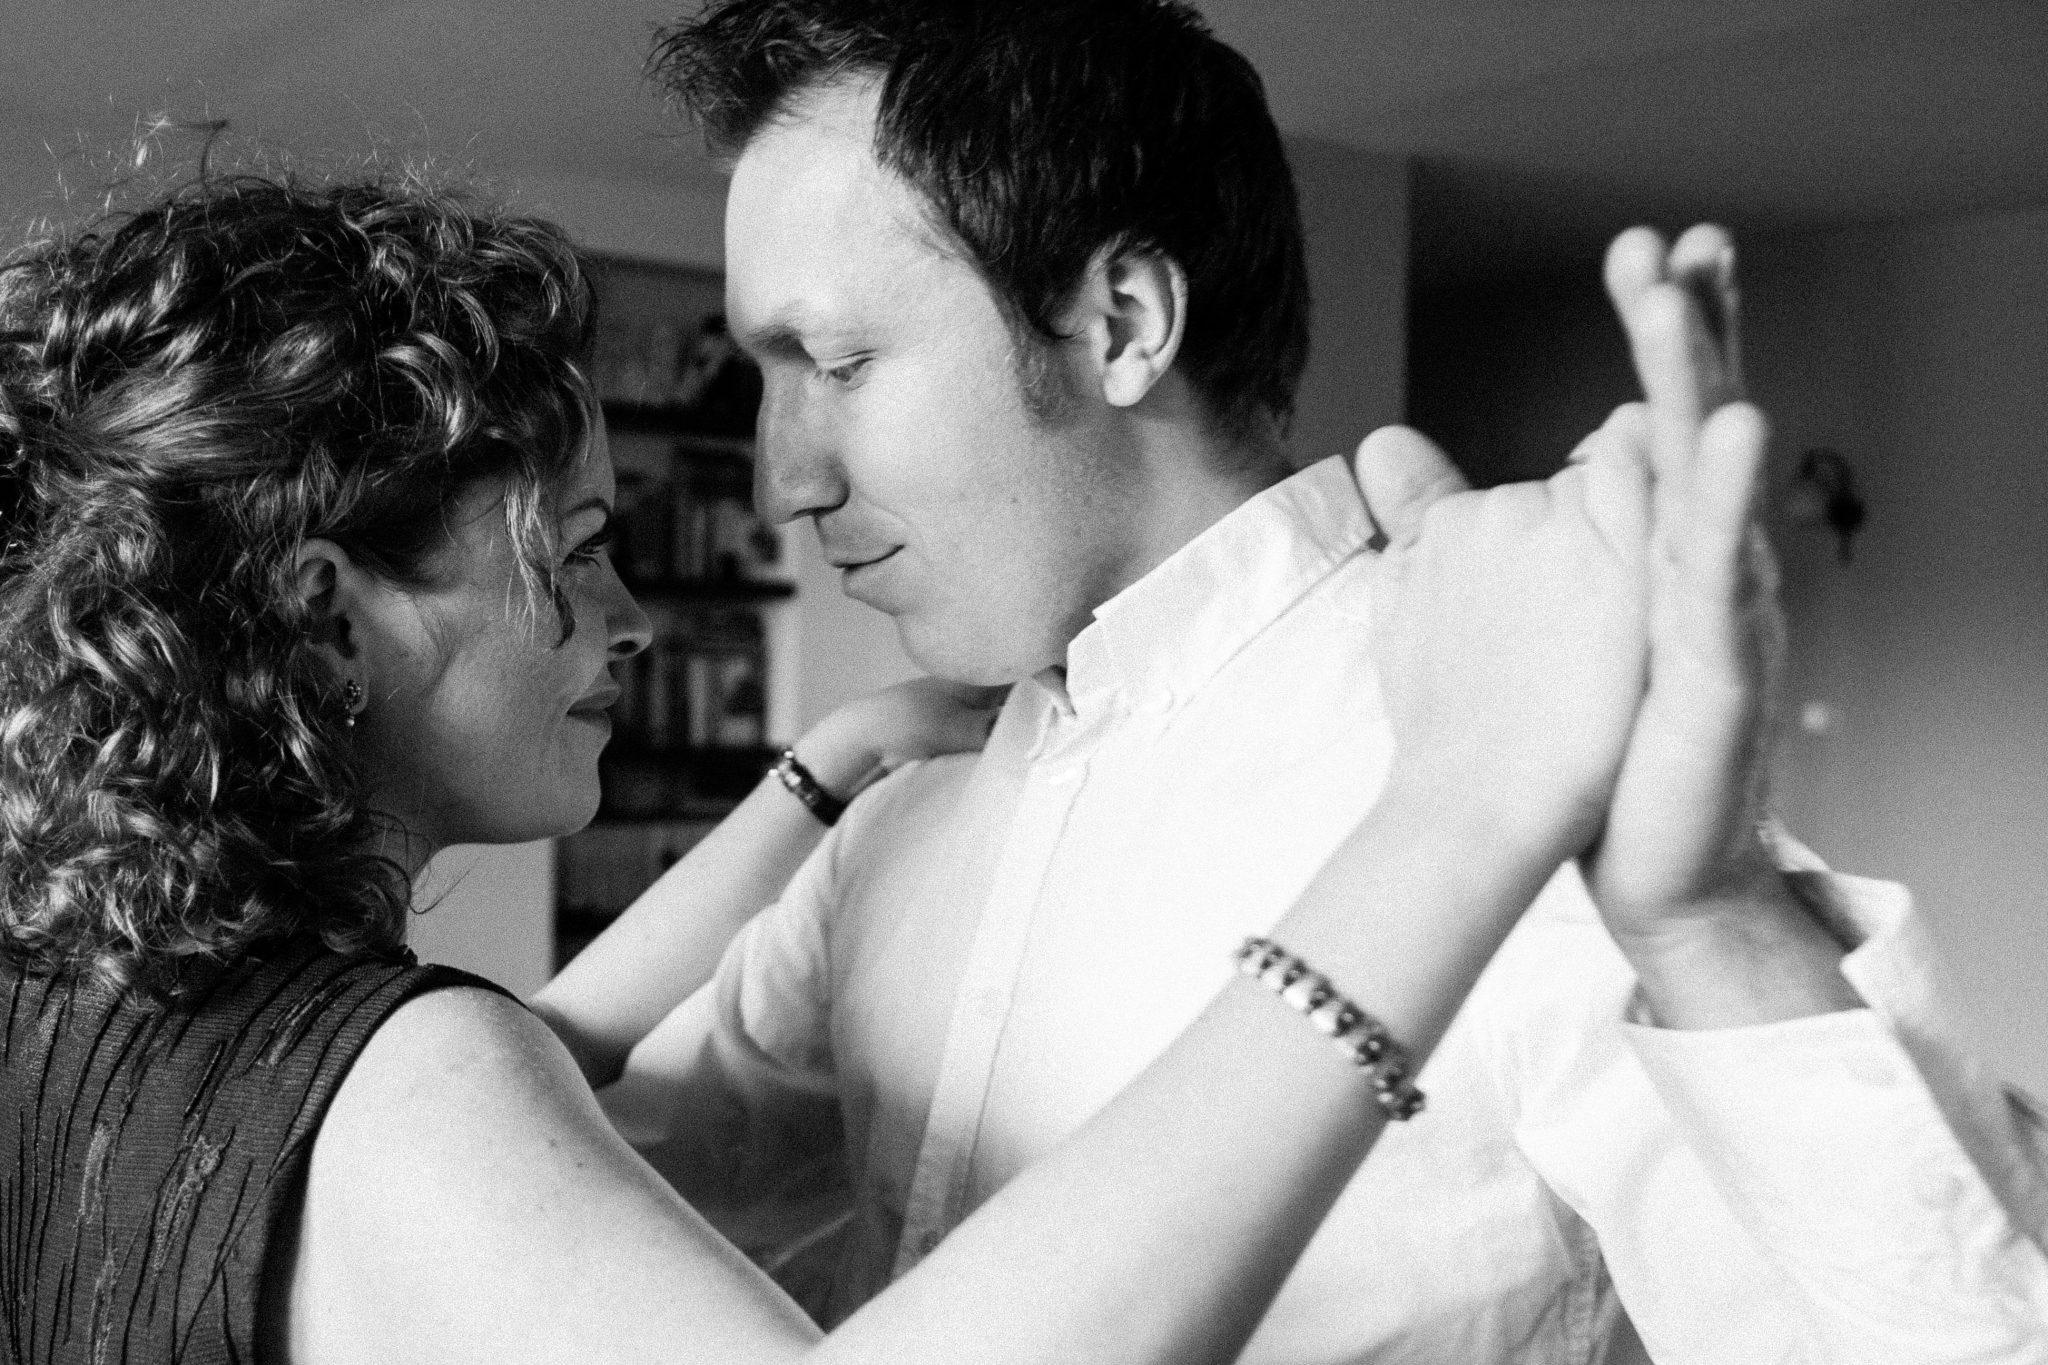 Budowanie małżeństwa przezzwracanie się ku małżonkowi? Oco chodzi?